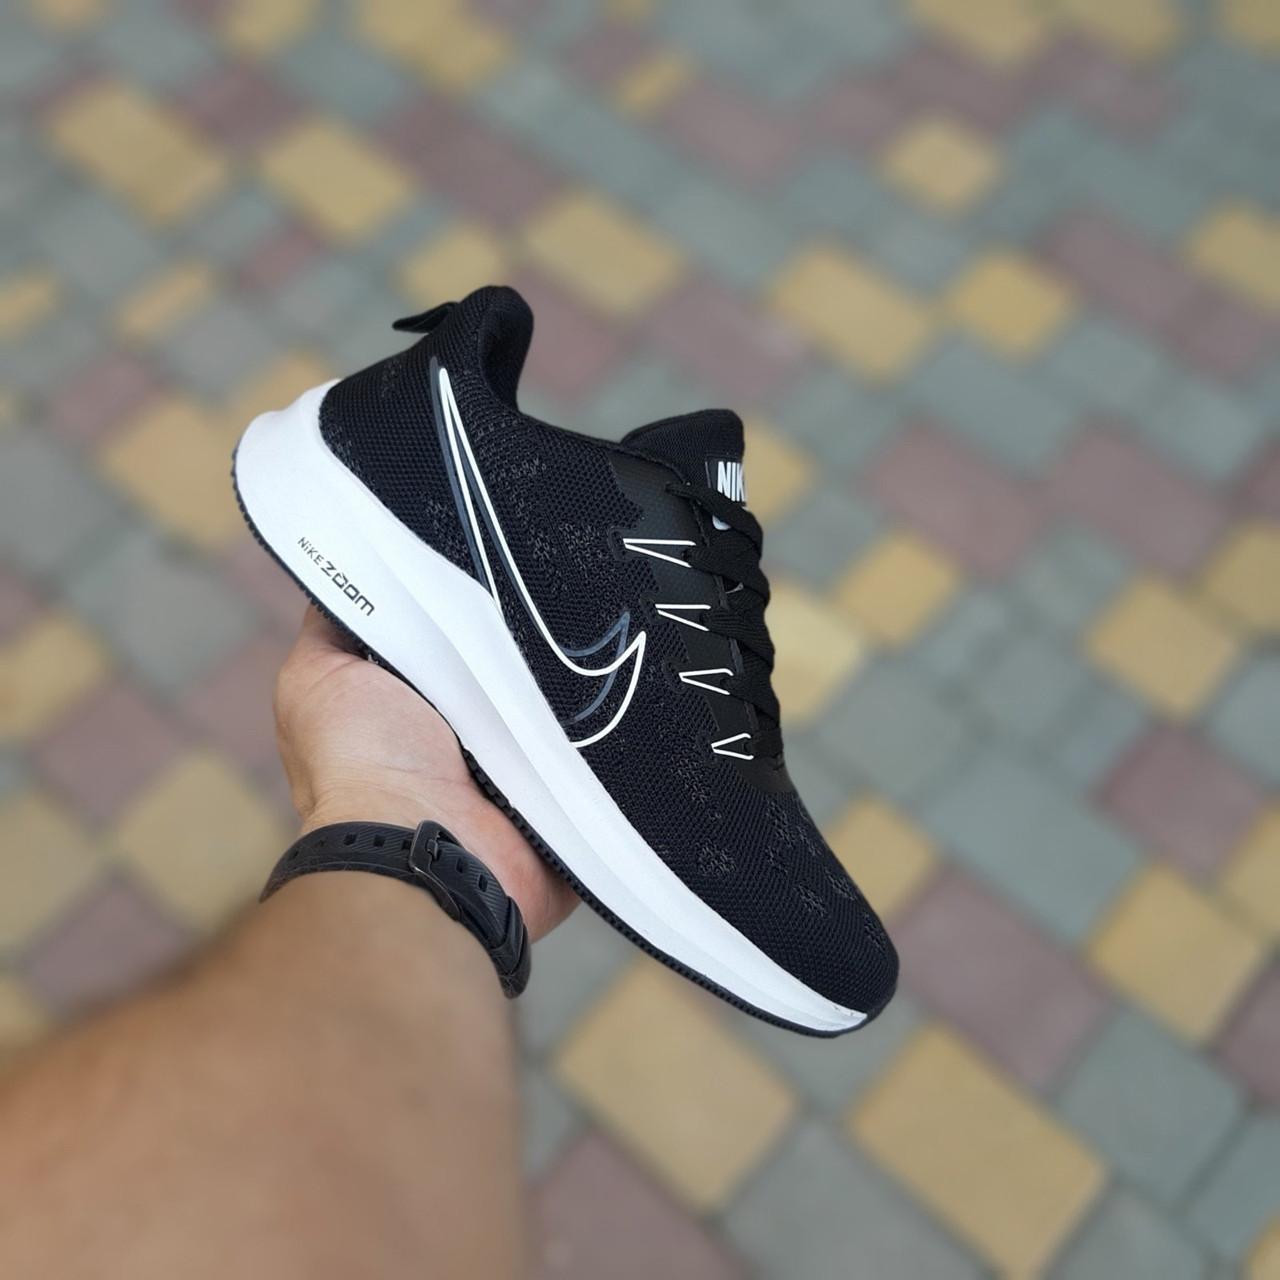 Мужские кроссовки Nike Zoom, чёрные на белой